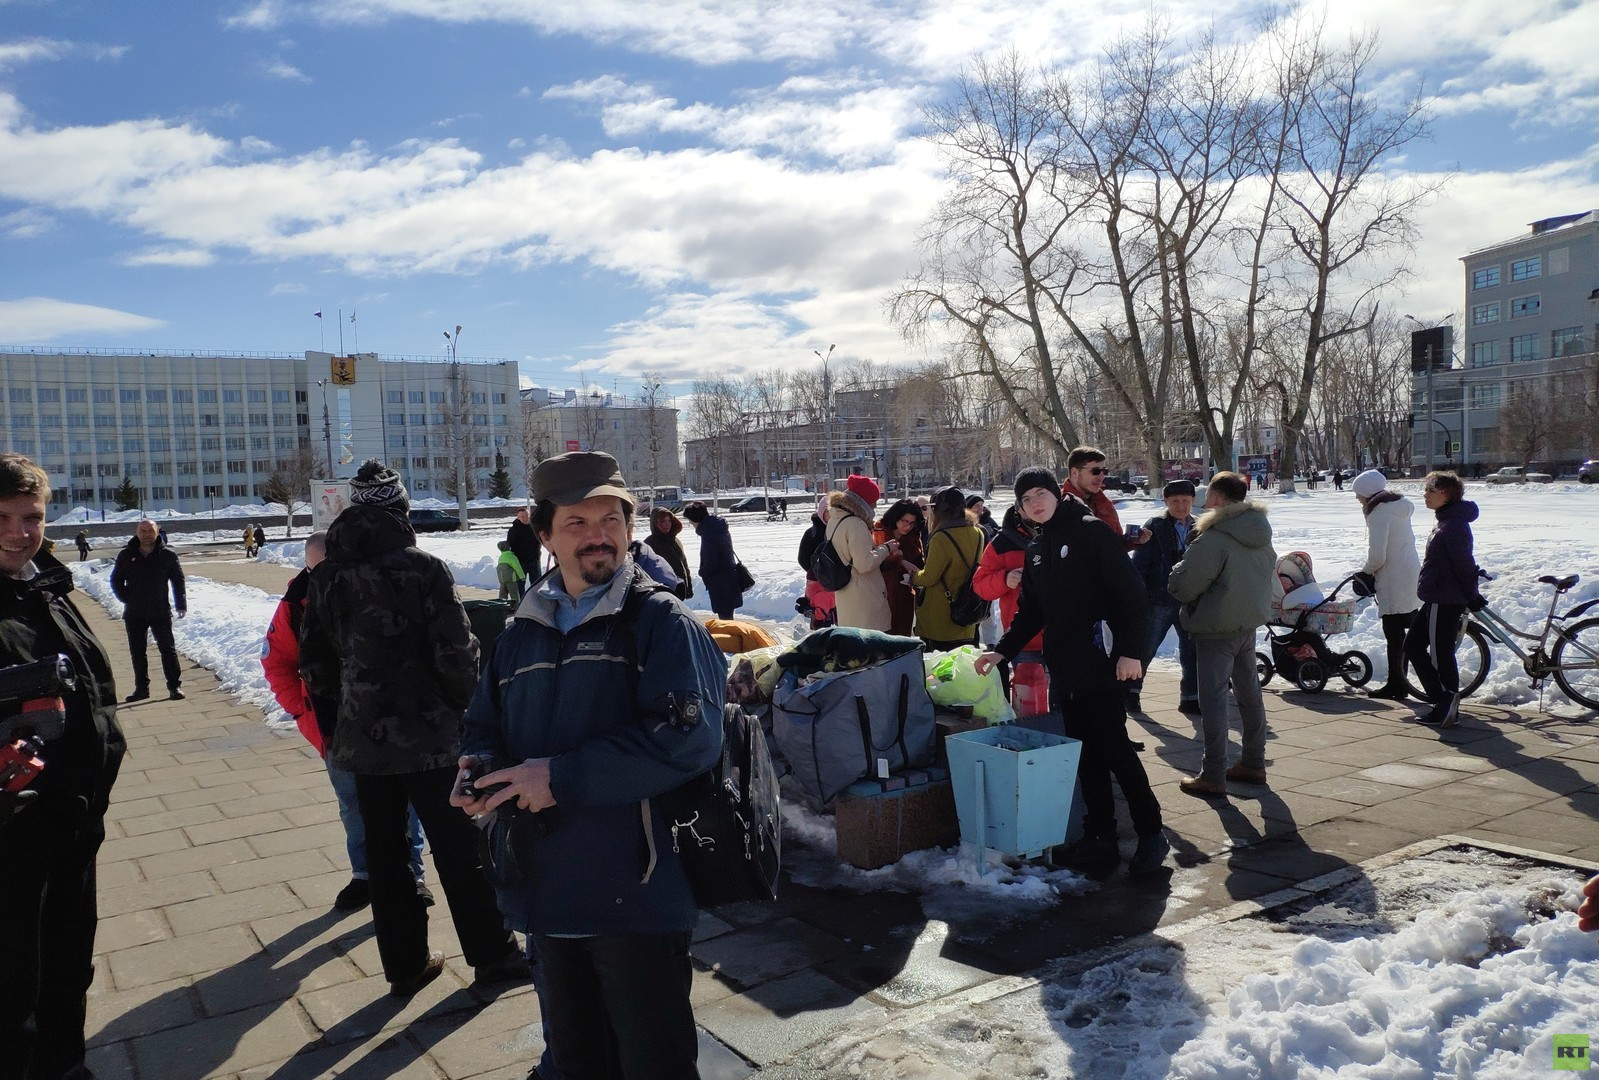 In Russland gibt es viele Formen bürgerlichen Protests - Reisebericht aus Archangelsk